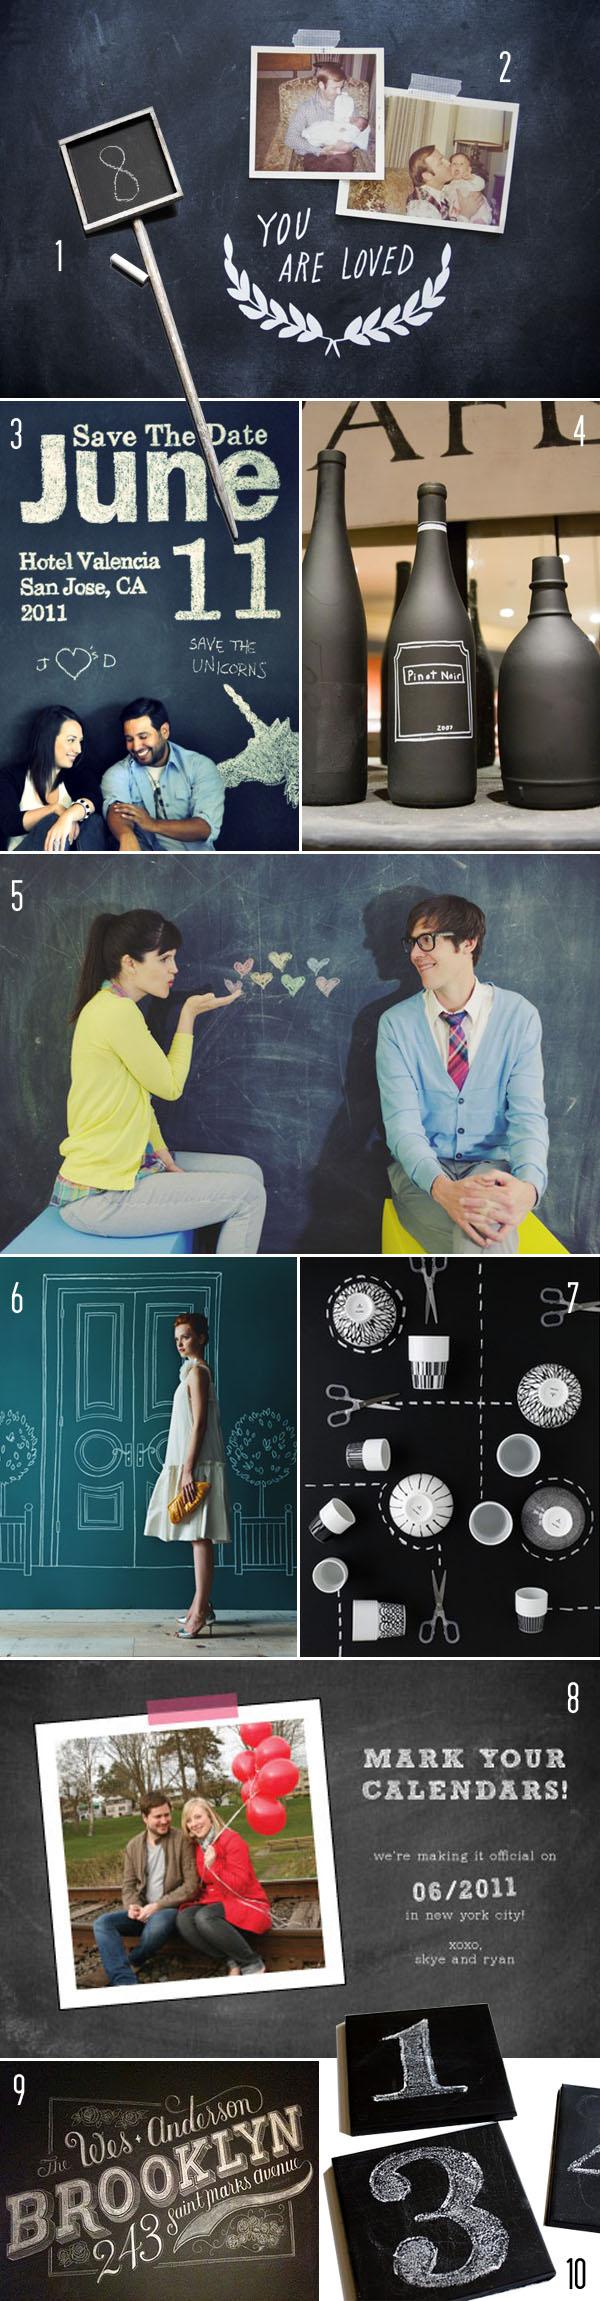 Top 10: Chalkboard details 1